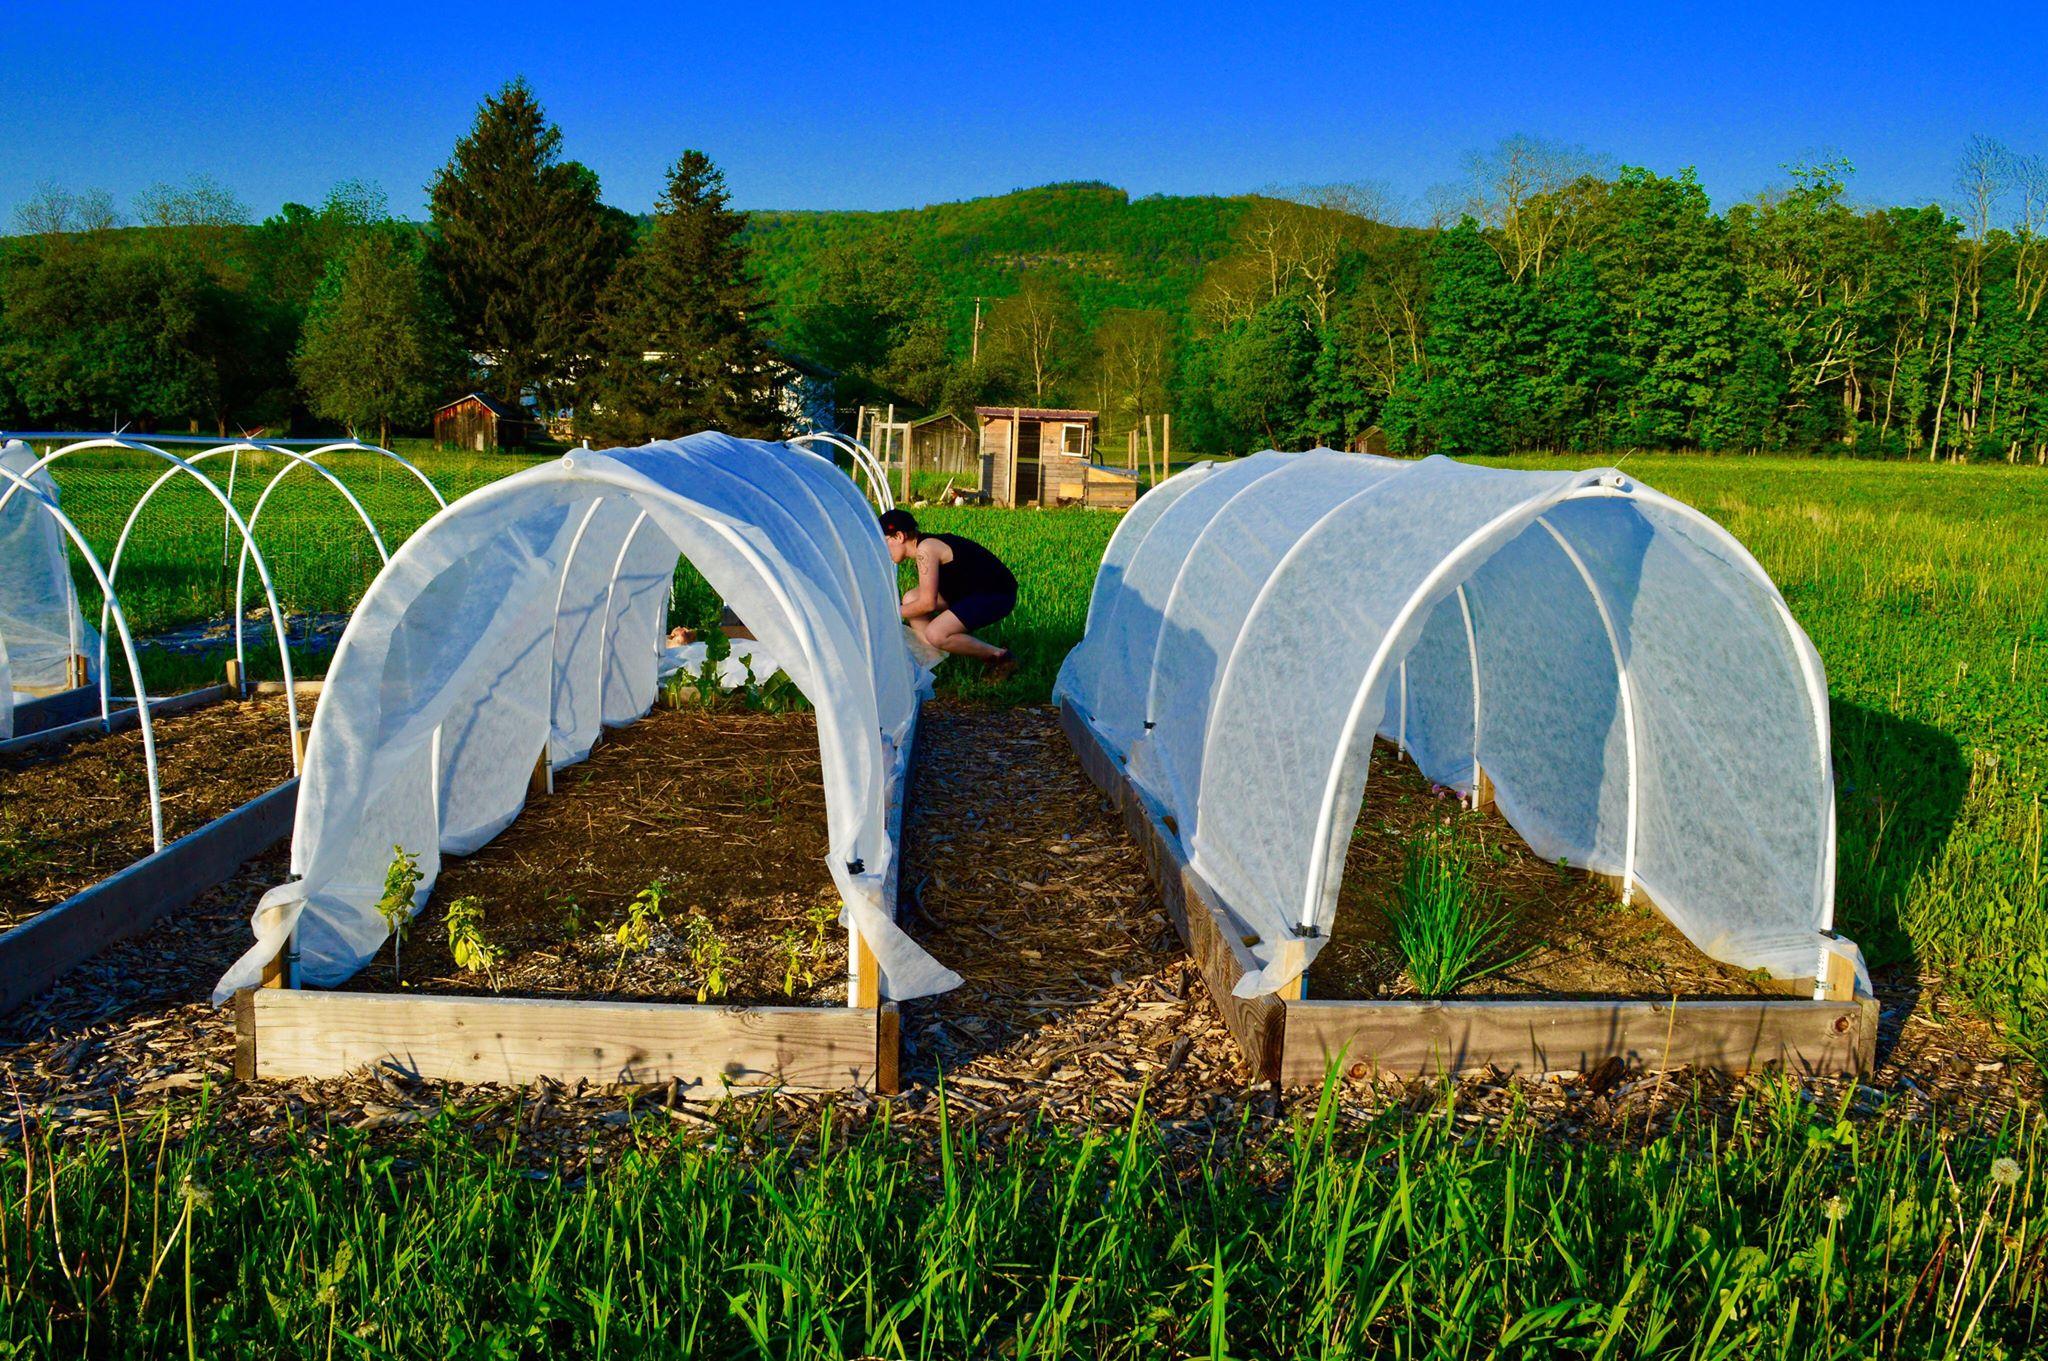 modern homestead, micro-farm, urban farm, suburban farm, row covers, raised beds, garden tunnel, deer protection, organic, farmher, homestead, feminist farming